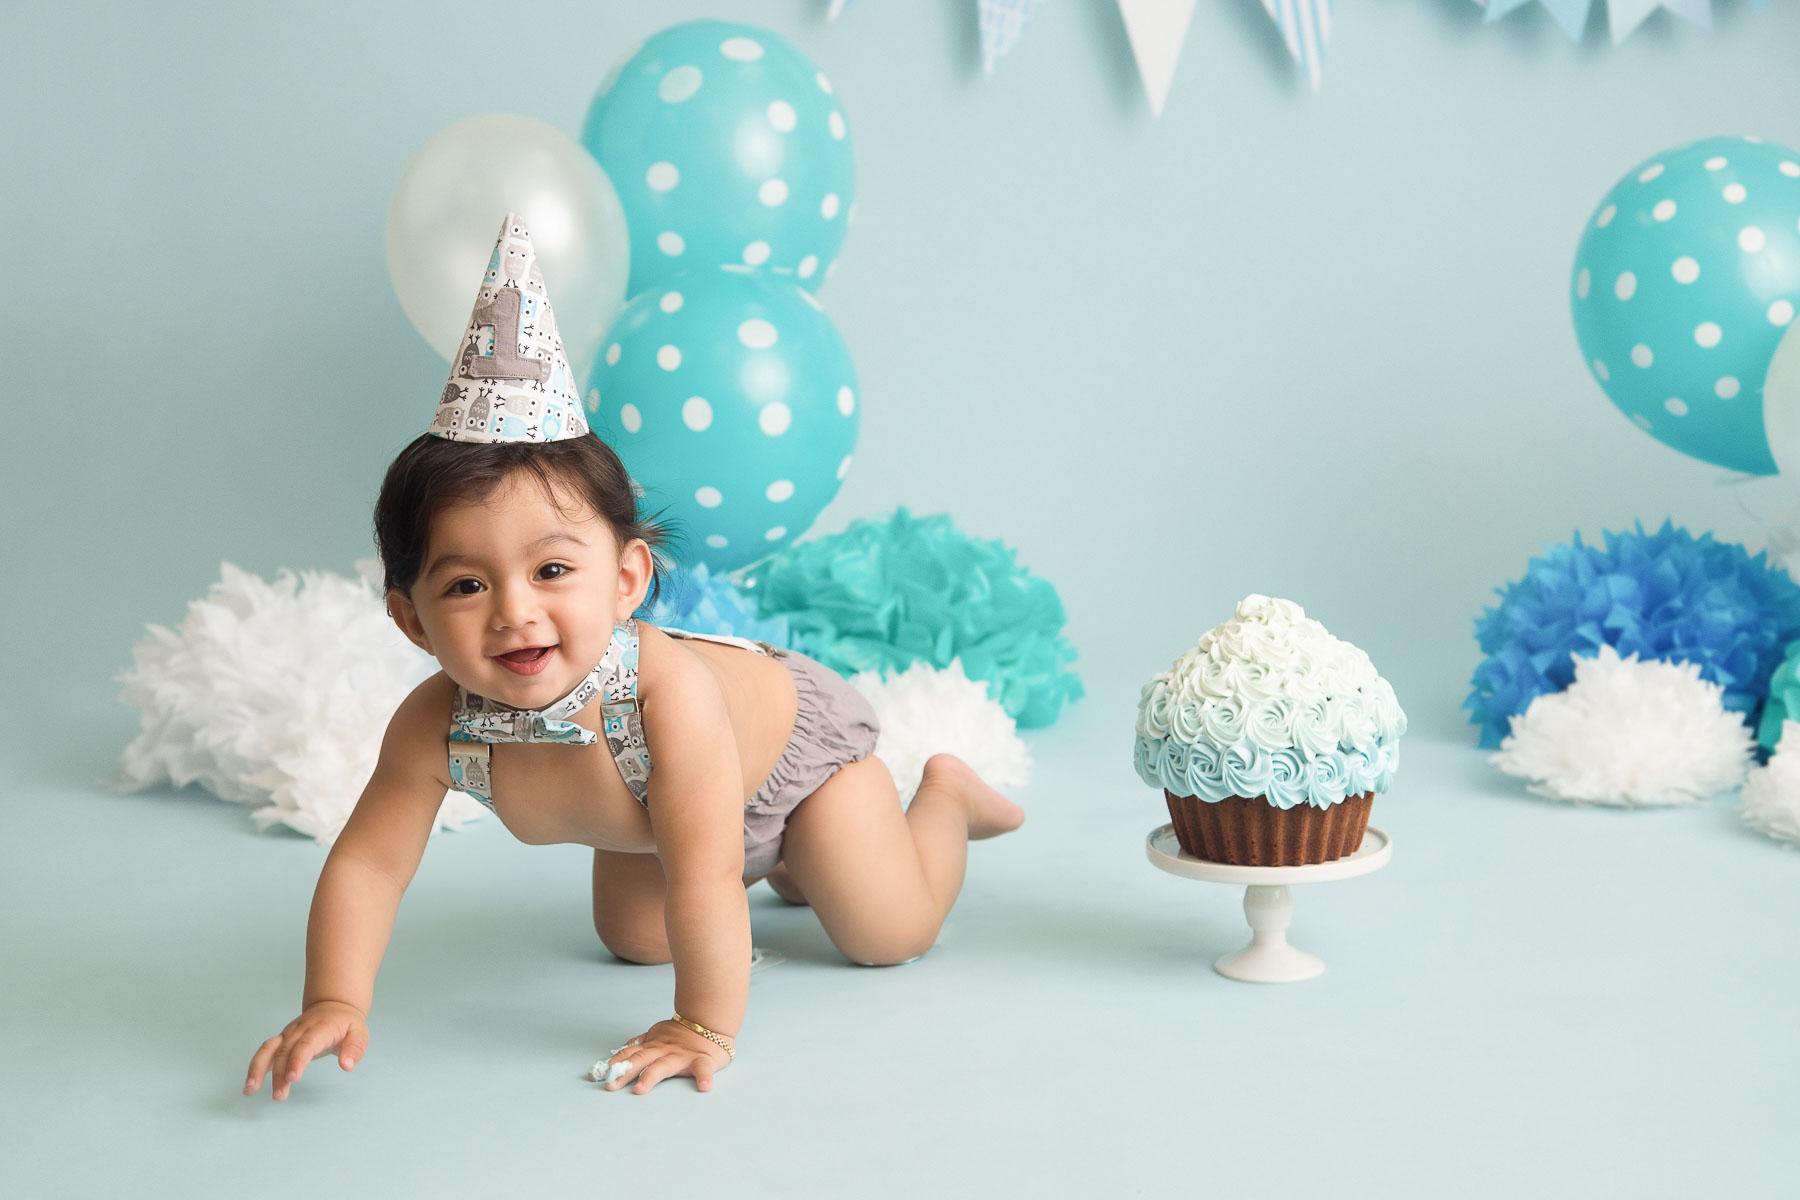 cake smash photography, Cake smash / One year old